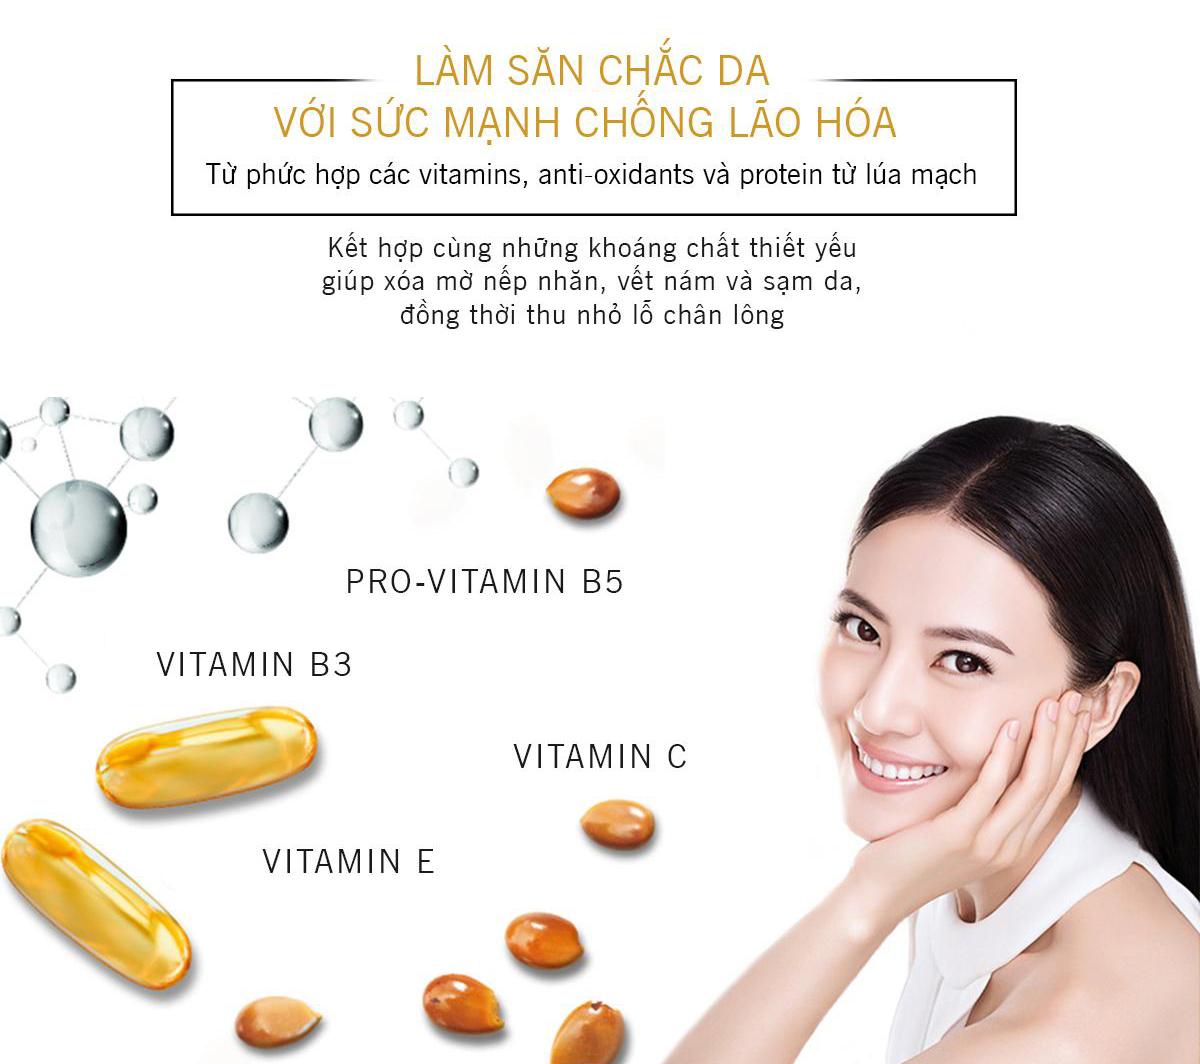 Kem Dưỡng Ban Ngày Olay Total Effects cung cấp Vitamin và khoáng chất cho da